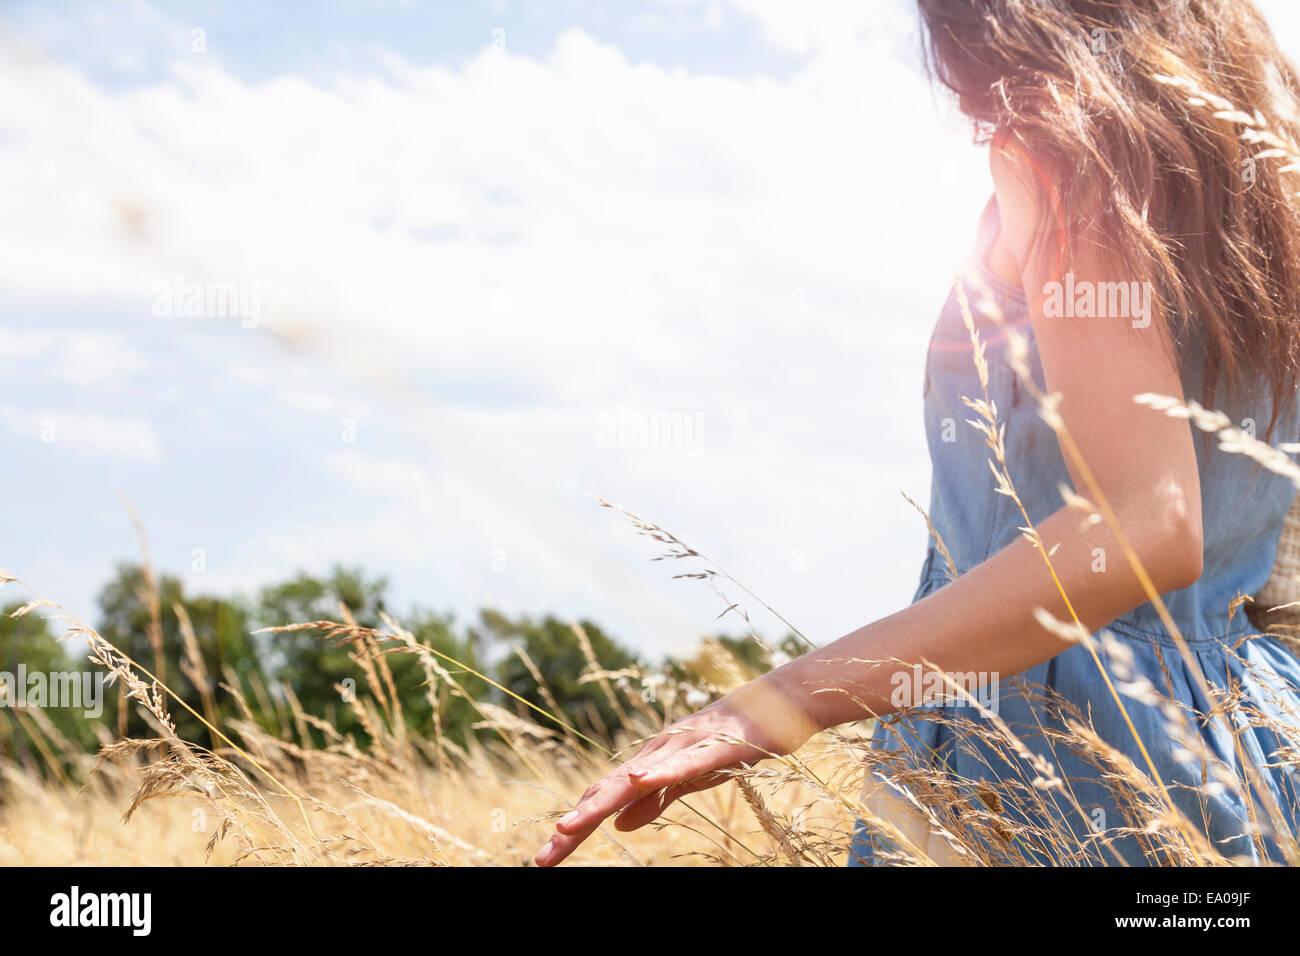 Young woman enjoying nature, Roznov, Czech Republic - Stock Image